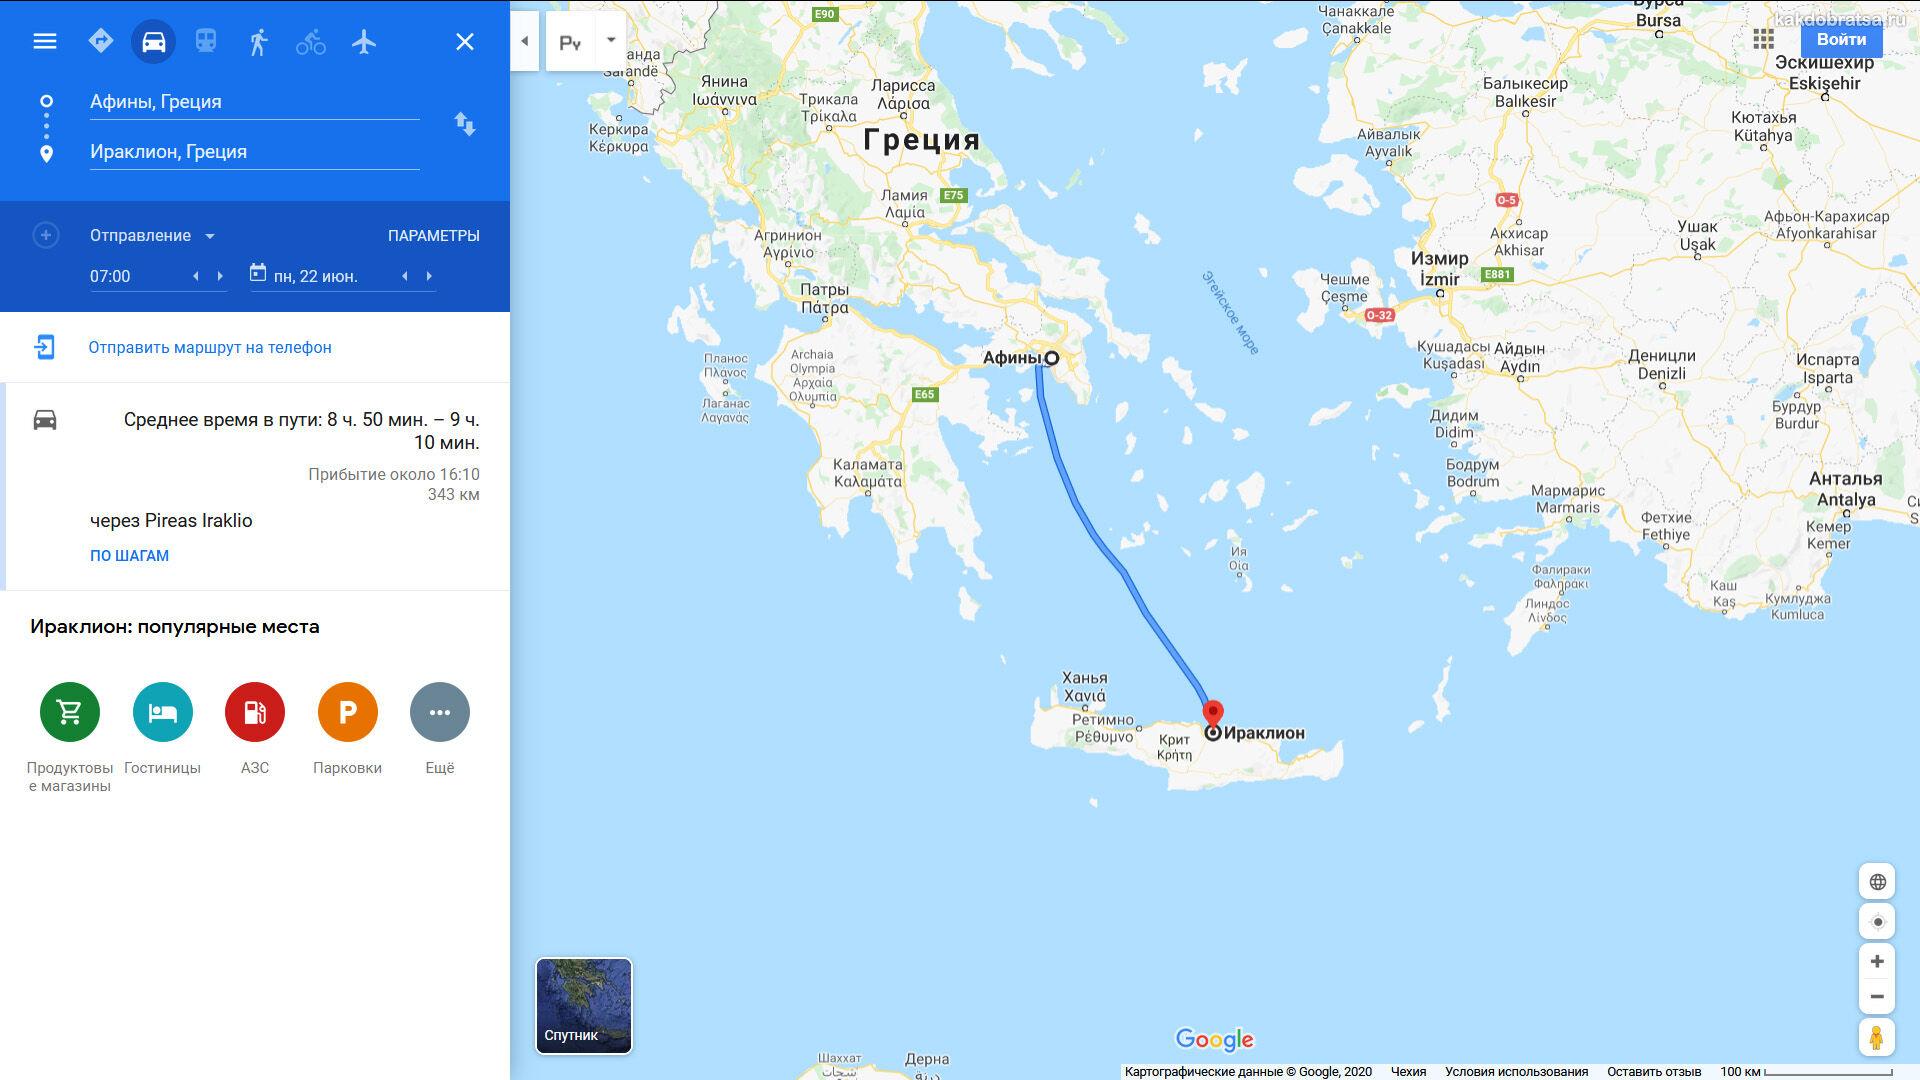 Афины Крит время в пути, карта и расстояние